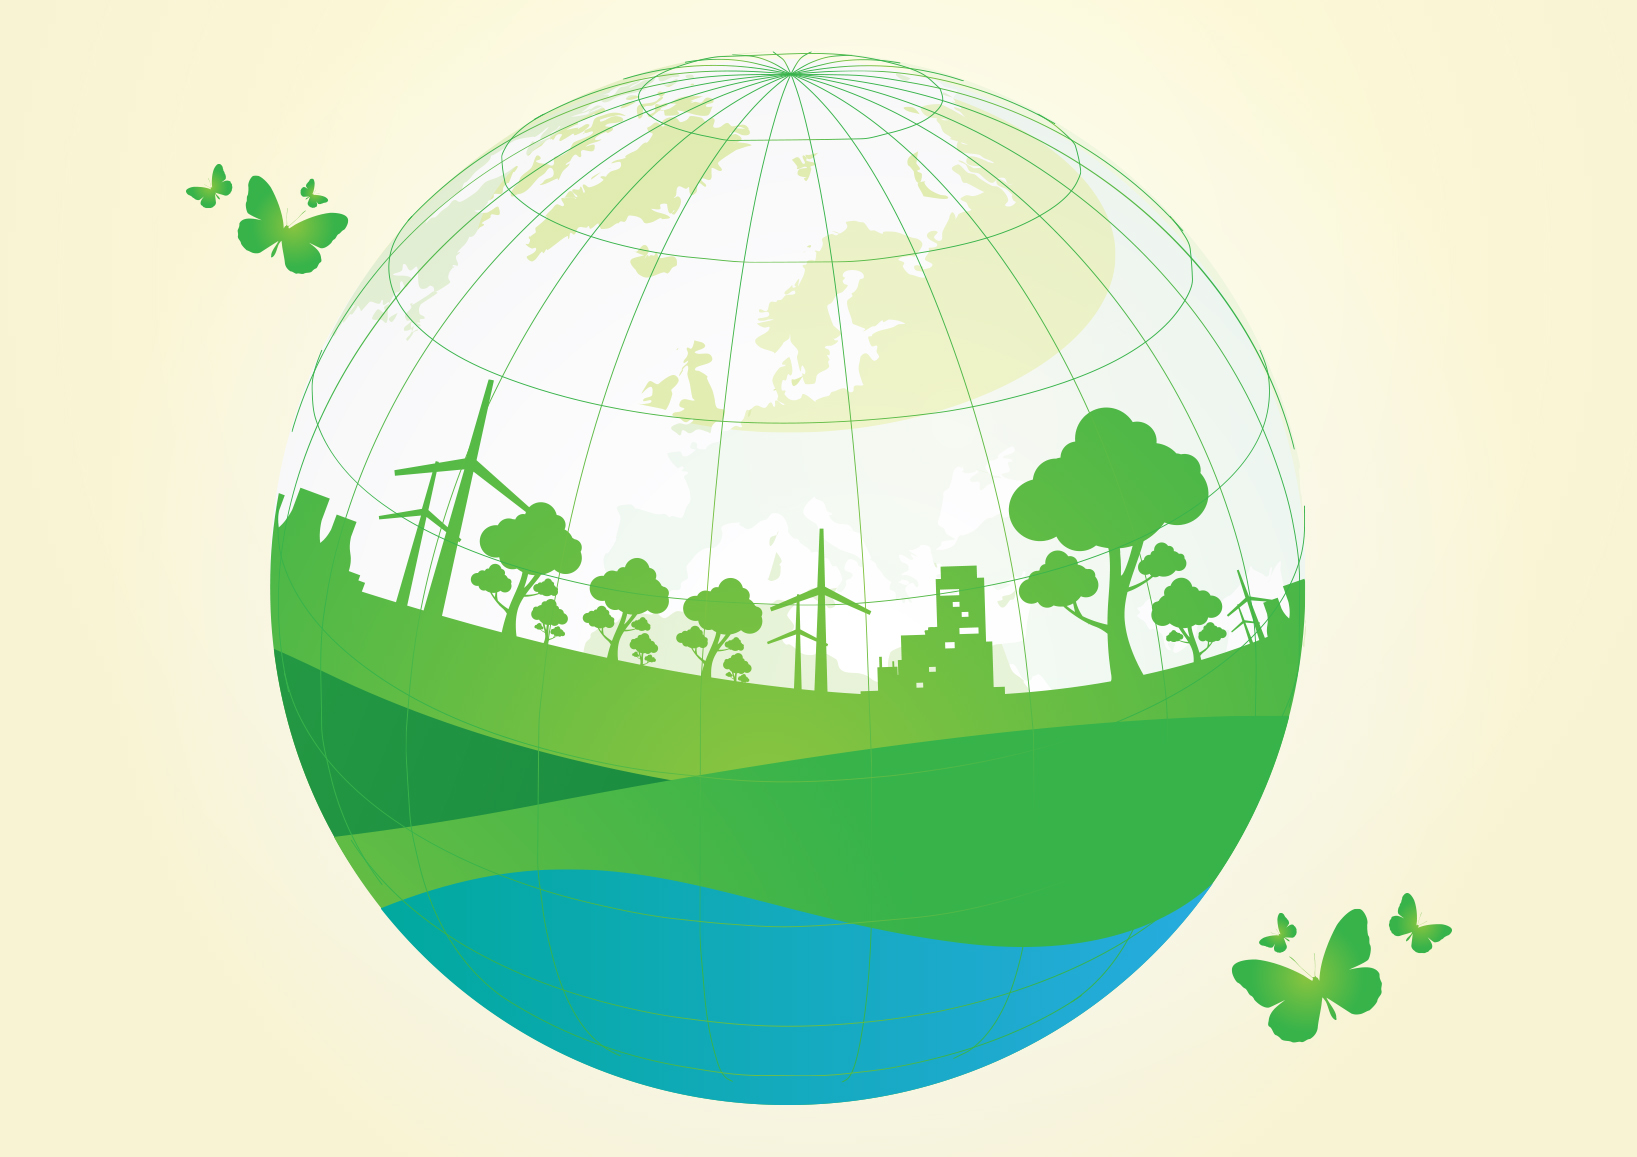 regione-piemonte-agevolazioni-pmi-innovazione-e-sostenibilità-ambientale.jpg